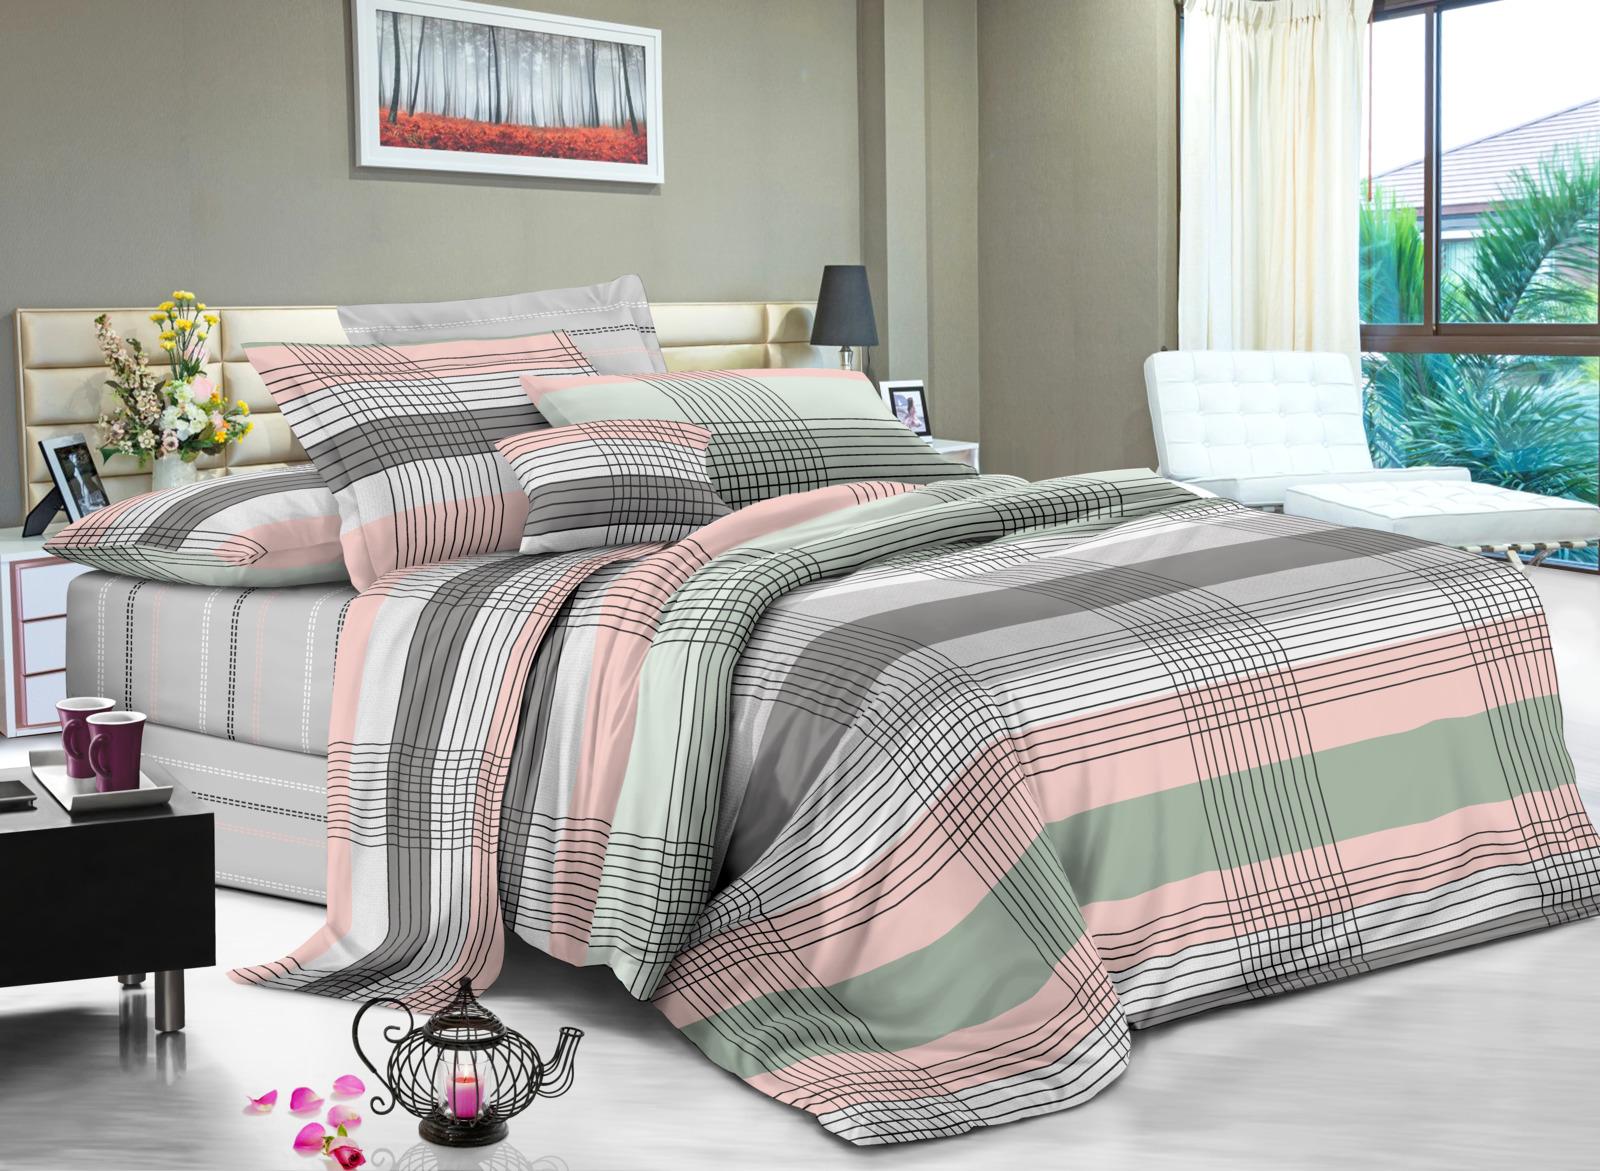 Комплект постельного белья Amore Mio Gold Assai, 9356, разноцветный, 2-спальный, наволочки 70x70